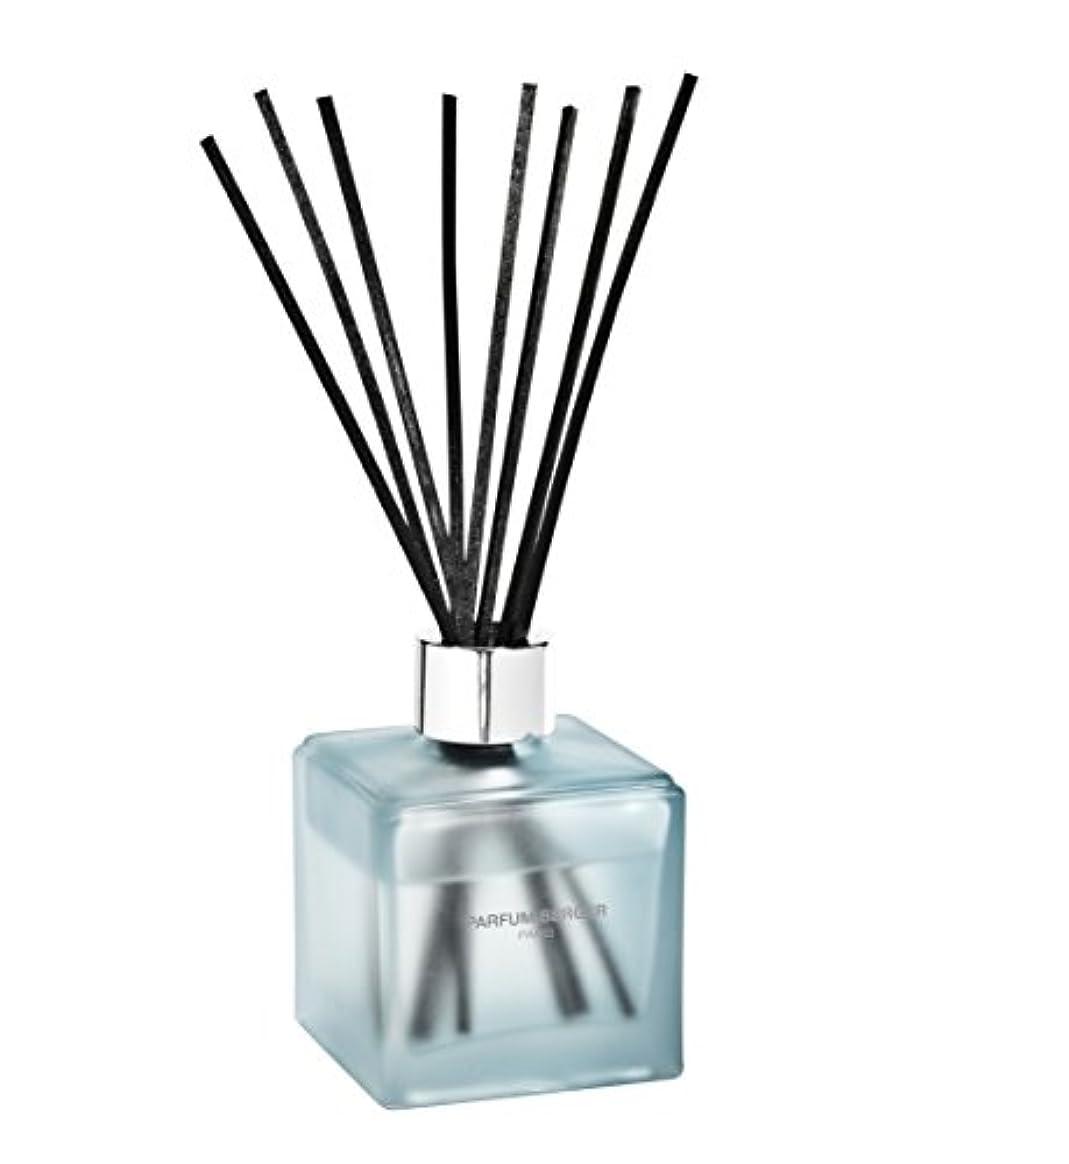 バンガロー外科医塗抹ランプベルジェ Functional Cube Scented Bouquet - Anti-Odour/Bathroom N?2 (Floral and Aromatic) 125ml/4.2oz並行輸入品